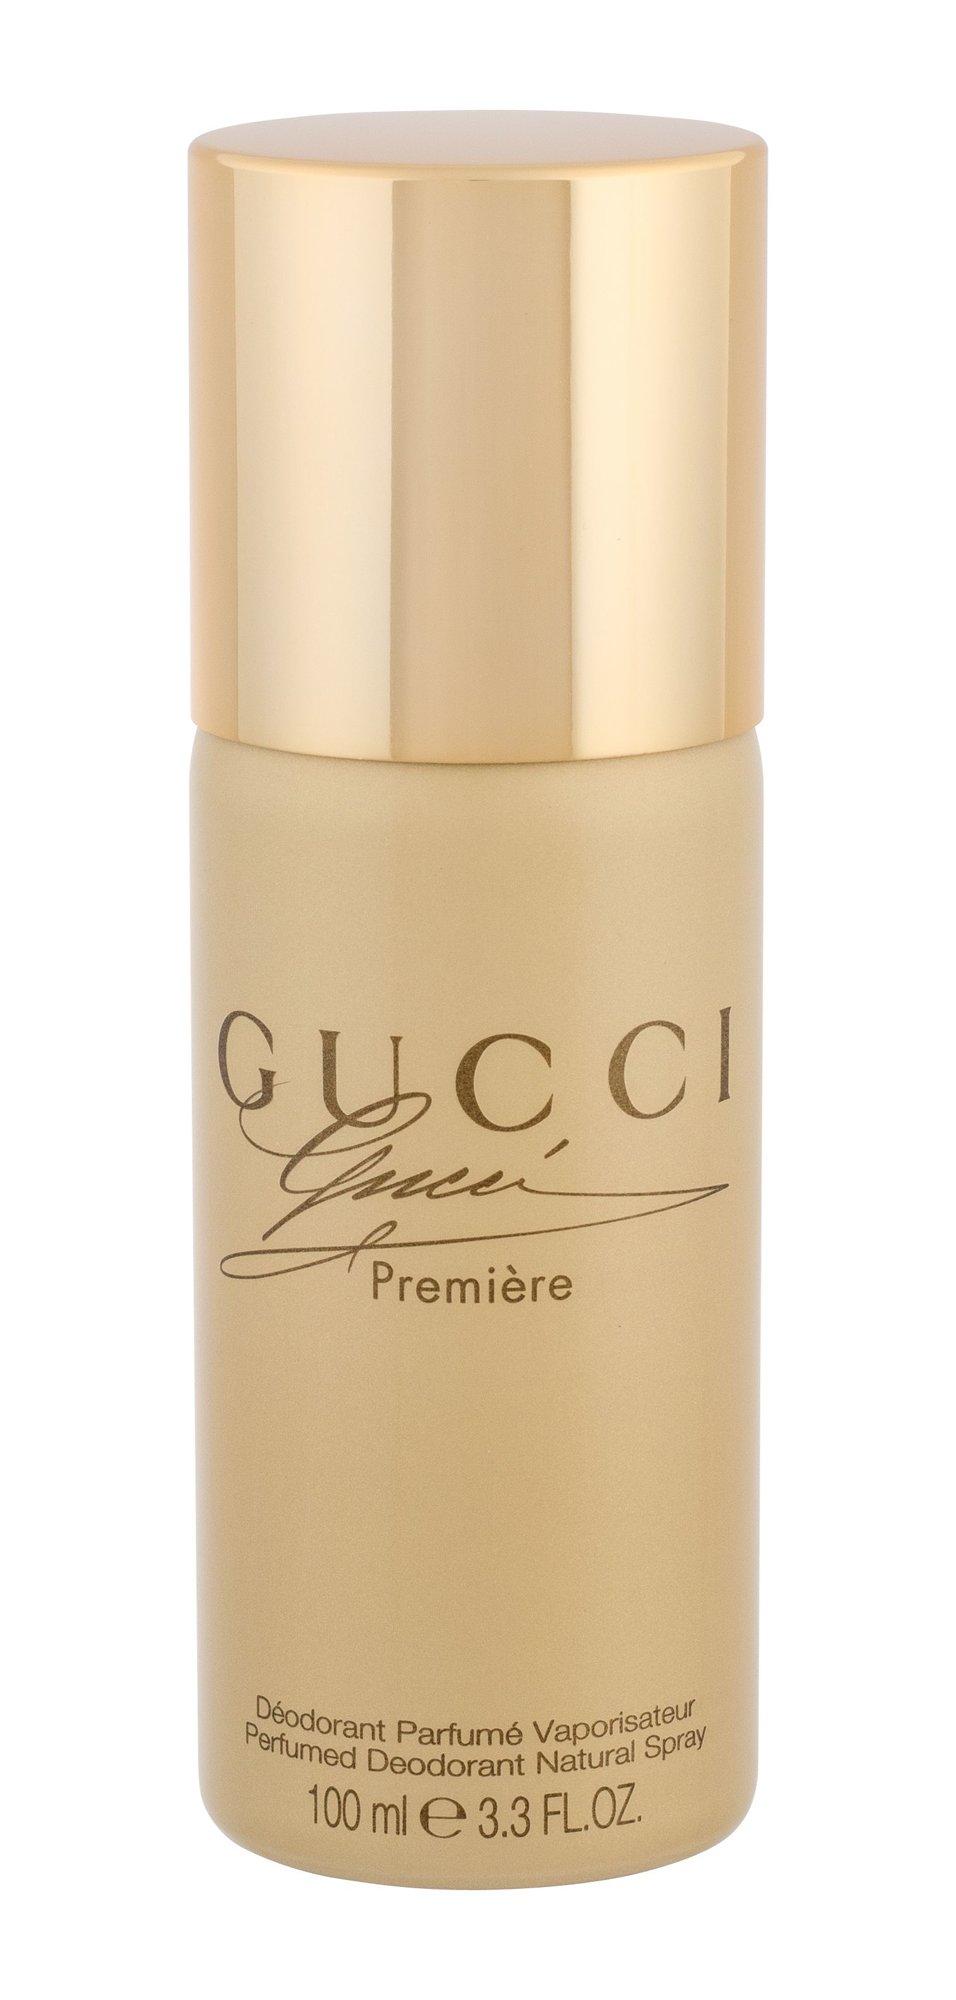 Gucci Gucci Premiere Deodorant 100ml